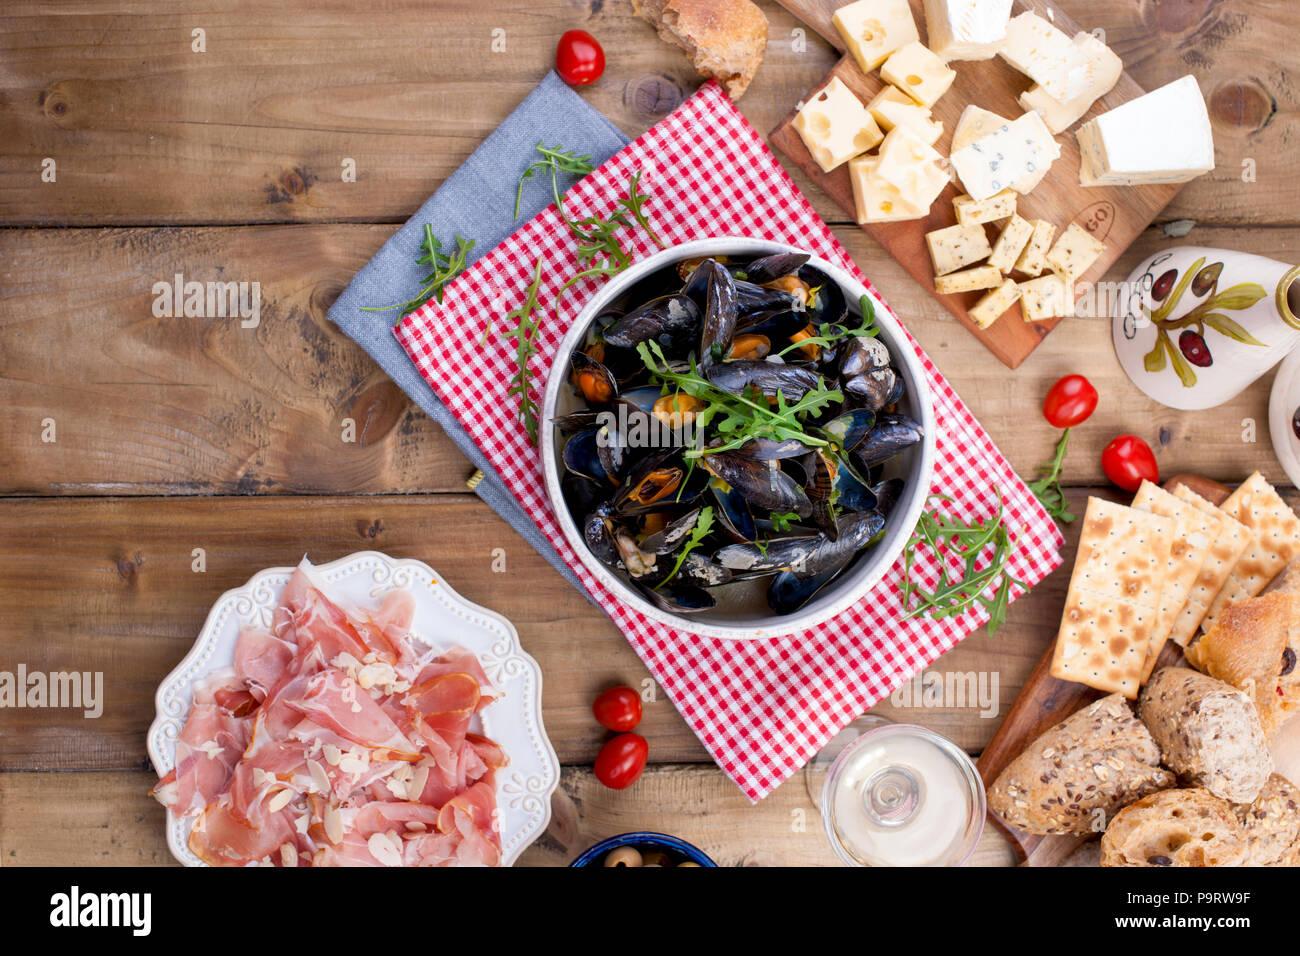 Müsli in einem weißen Keramik Schüssel, auf einem roten Serviette. Käse auf einem Holzbrett und einem Glas Weißwein, Oliven, Brot. Fleisch auf dem Teller. Auf einer hölzernen Hintergrund. Freier Platz für Text oder Werbung Stockbild